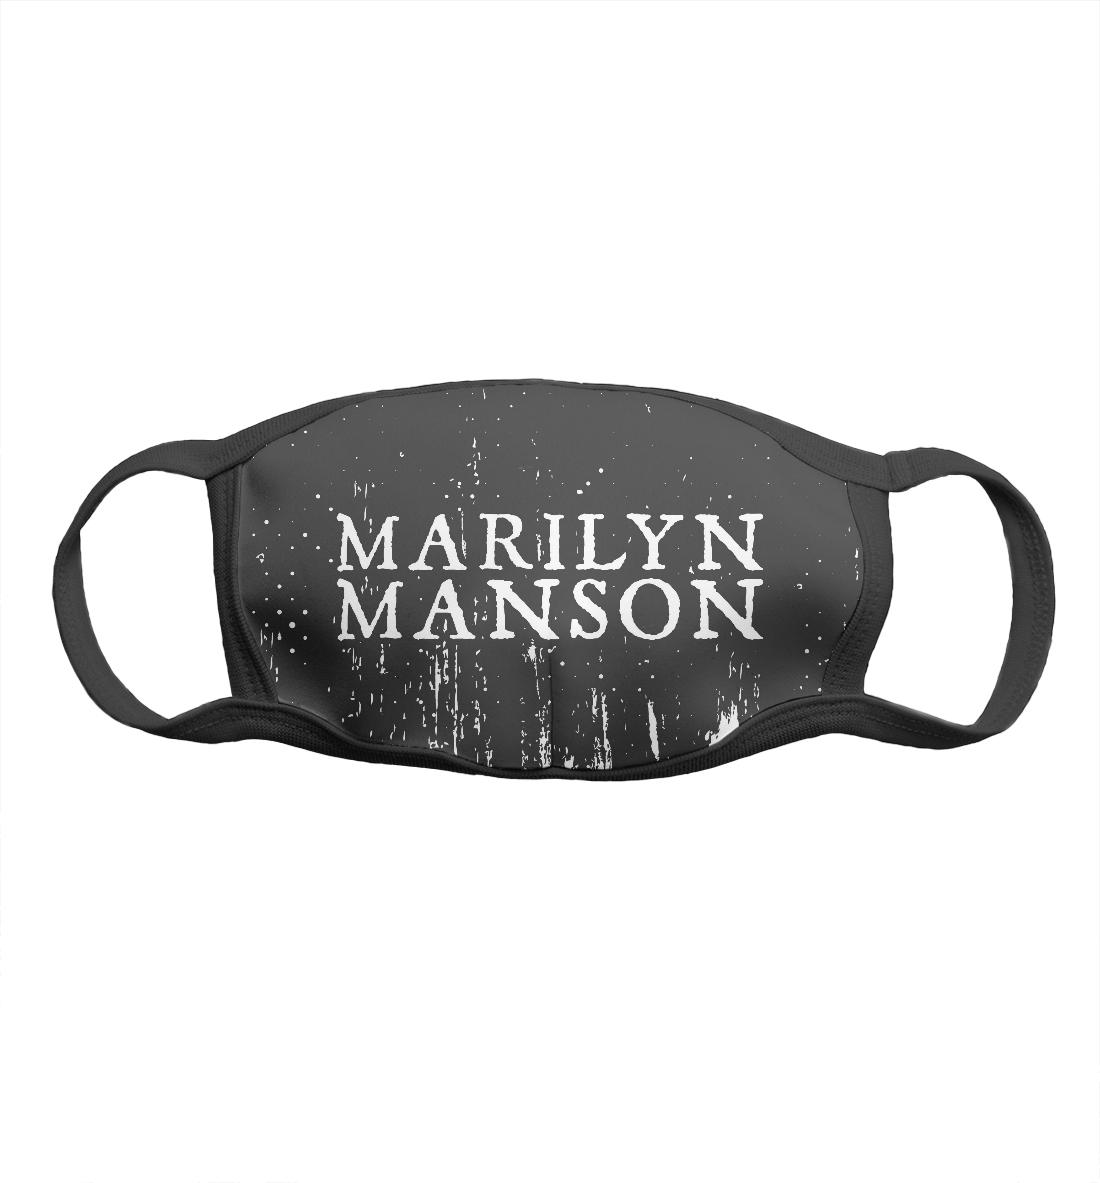 мэнсон мэрилин штраус нил marilyn manson долгий трудный путь из ада Marilyn Manson / М. Мэнсон